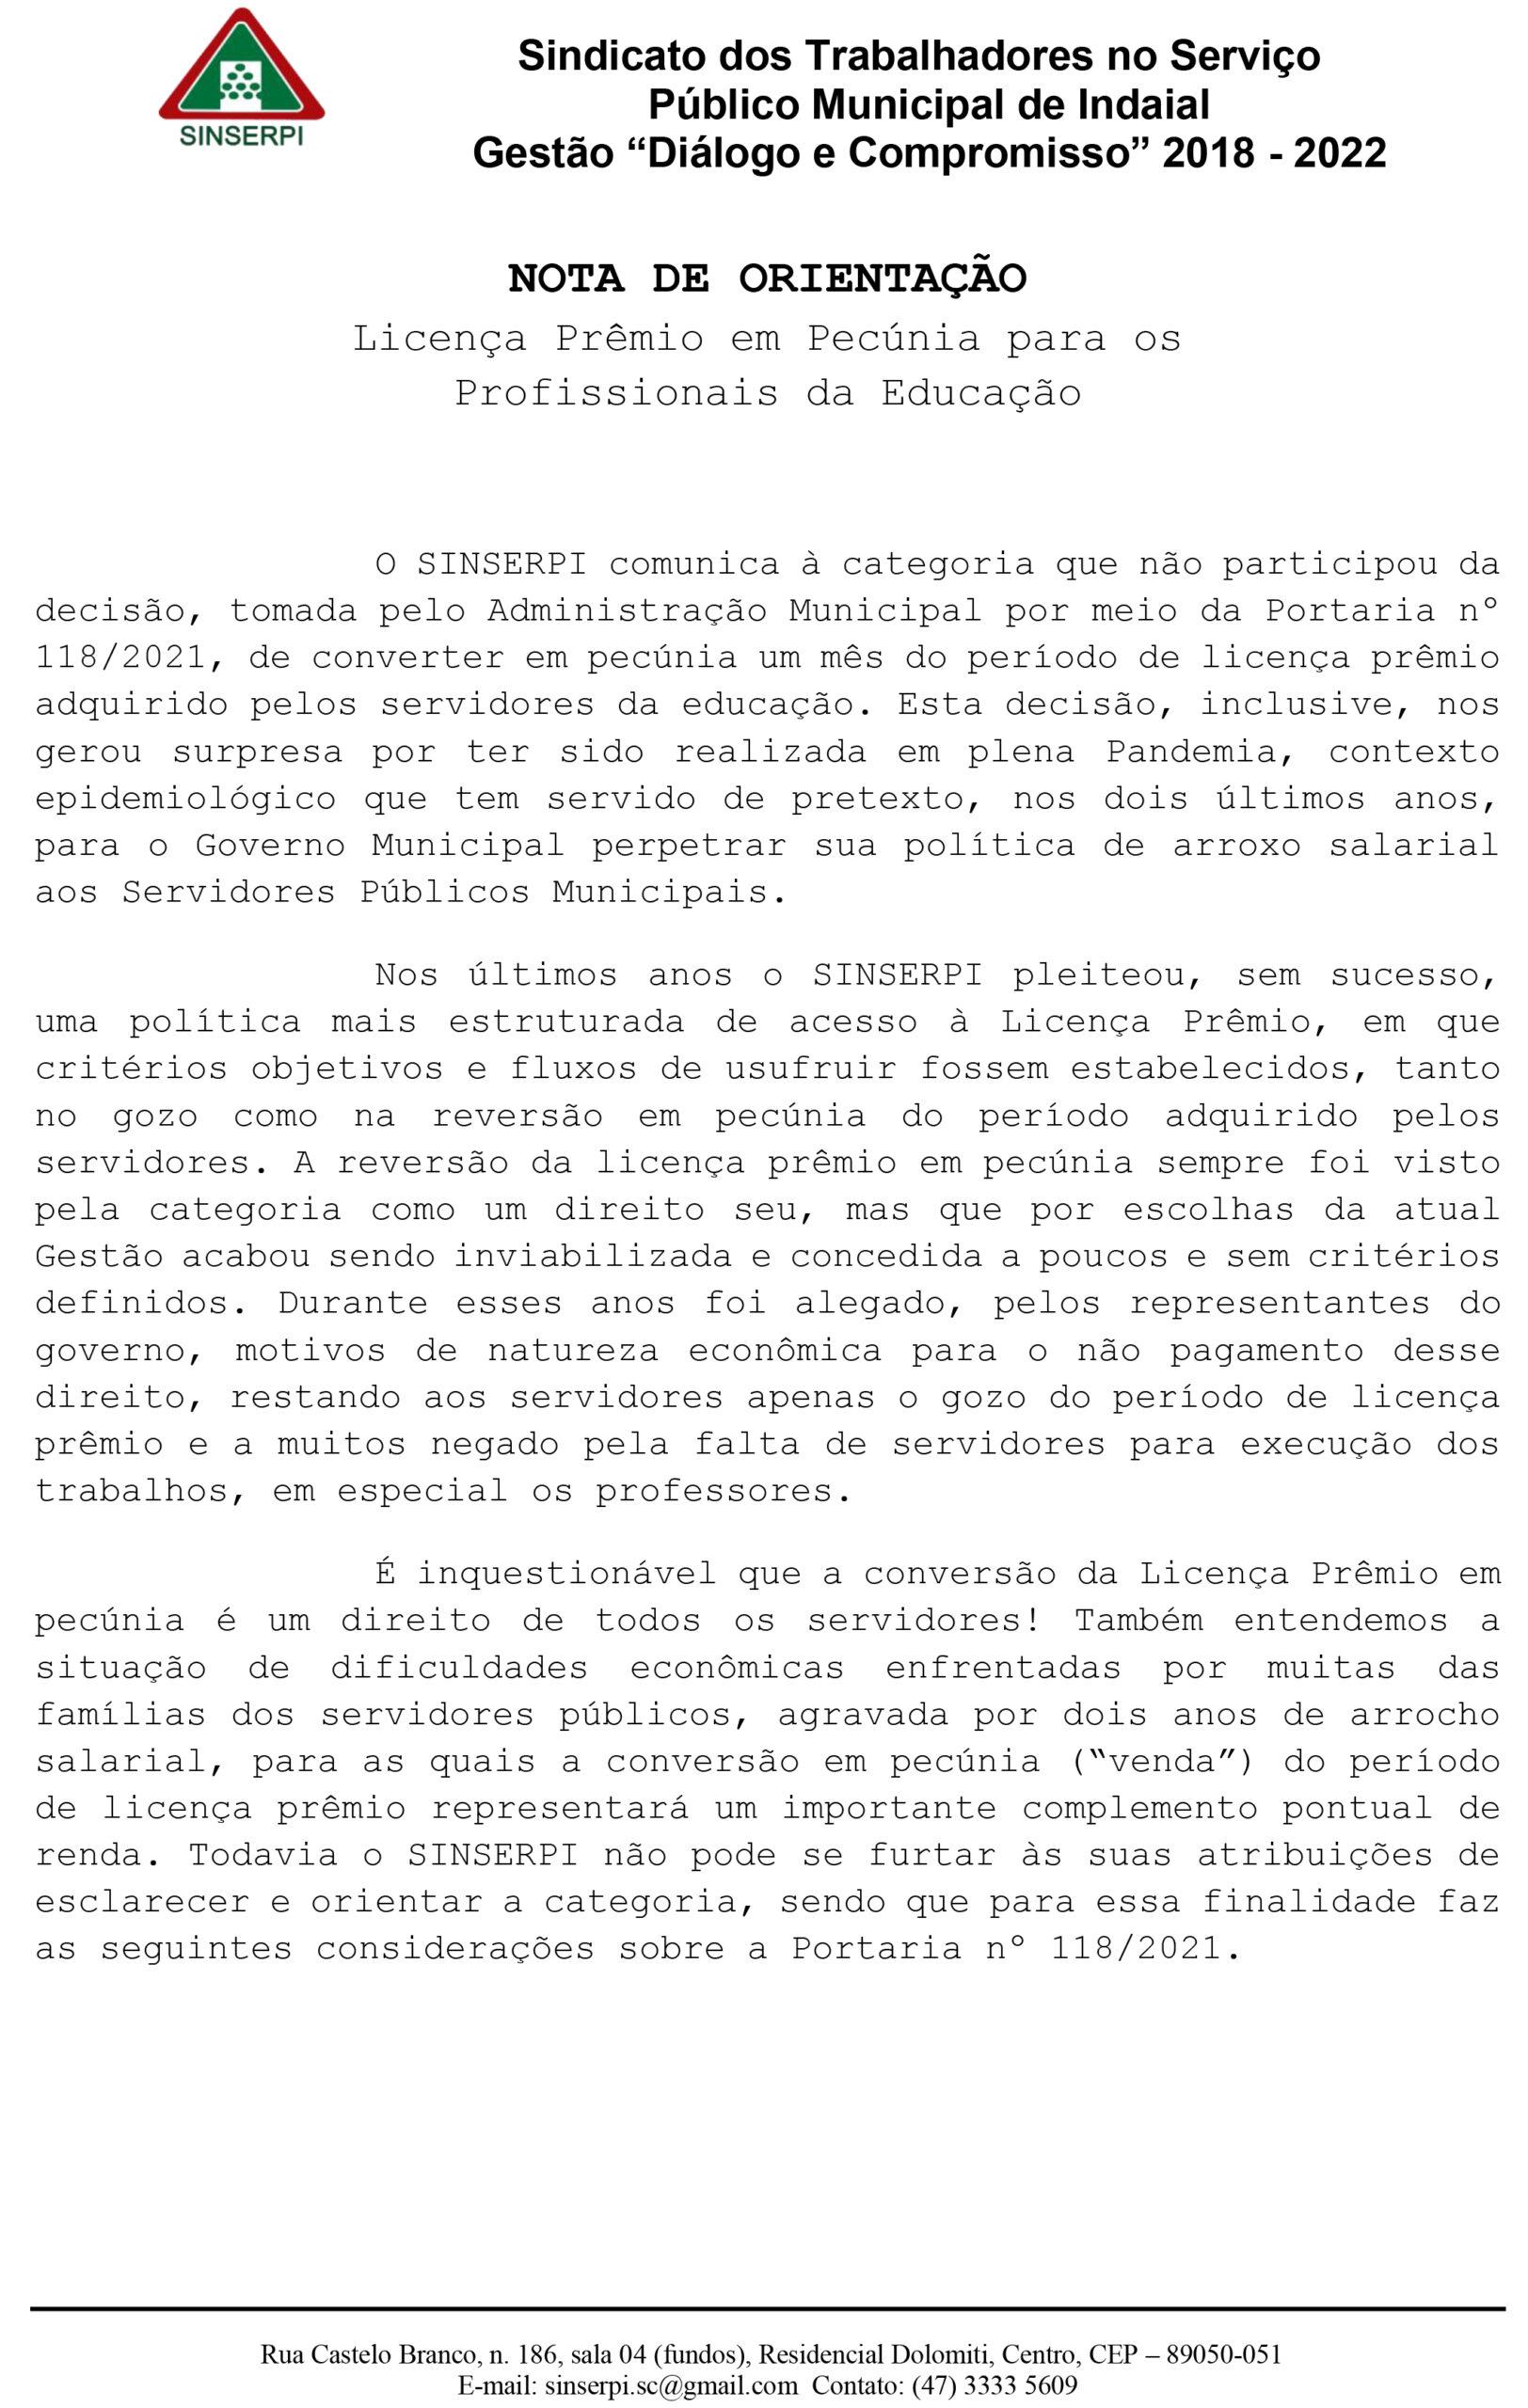 NOTA DE ORIENTAÇÃO –  Licença Prêmio em Pecúnia para os Profissionais da Educação.